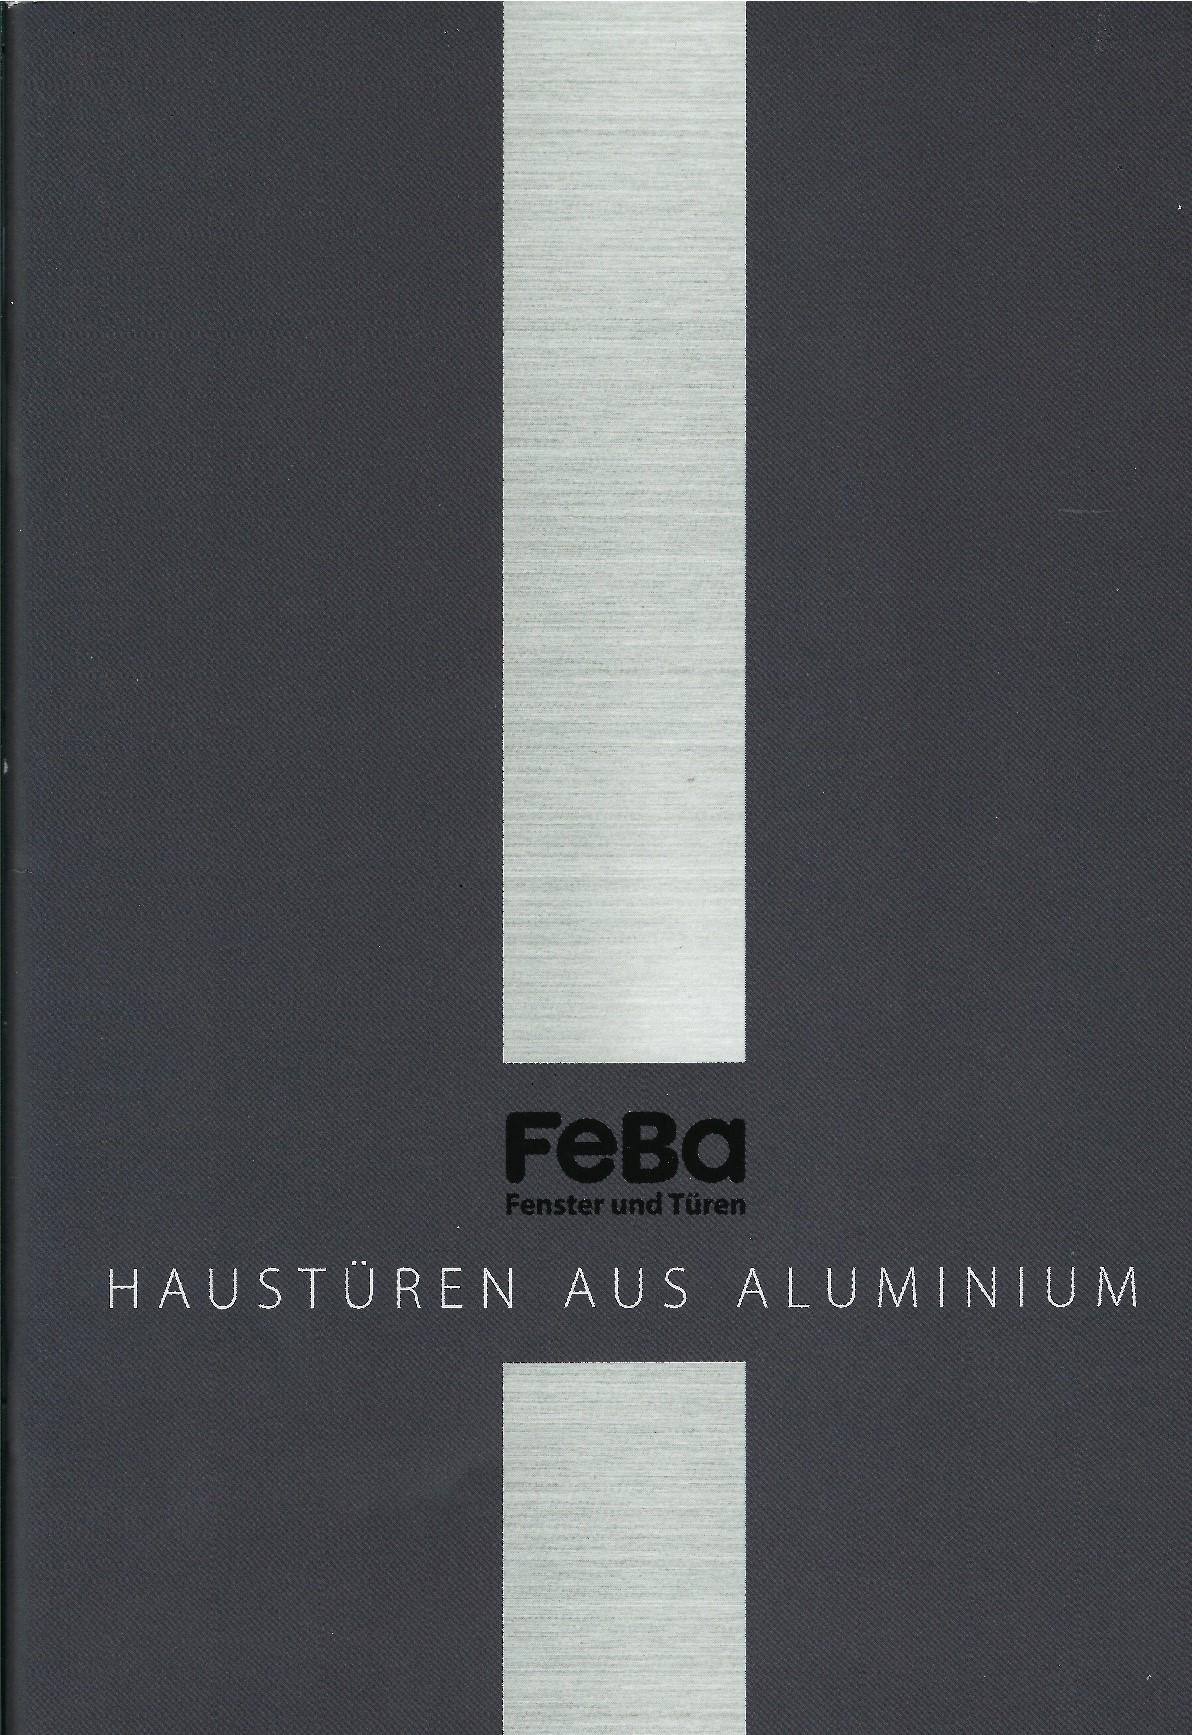 FeBa Haustüren aus Aluminium